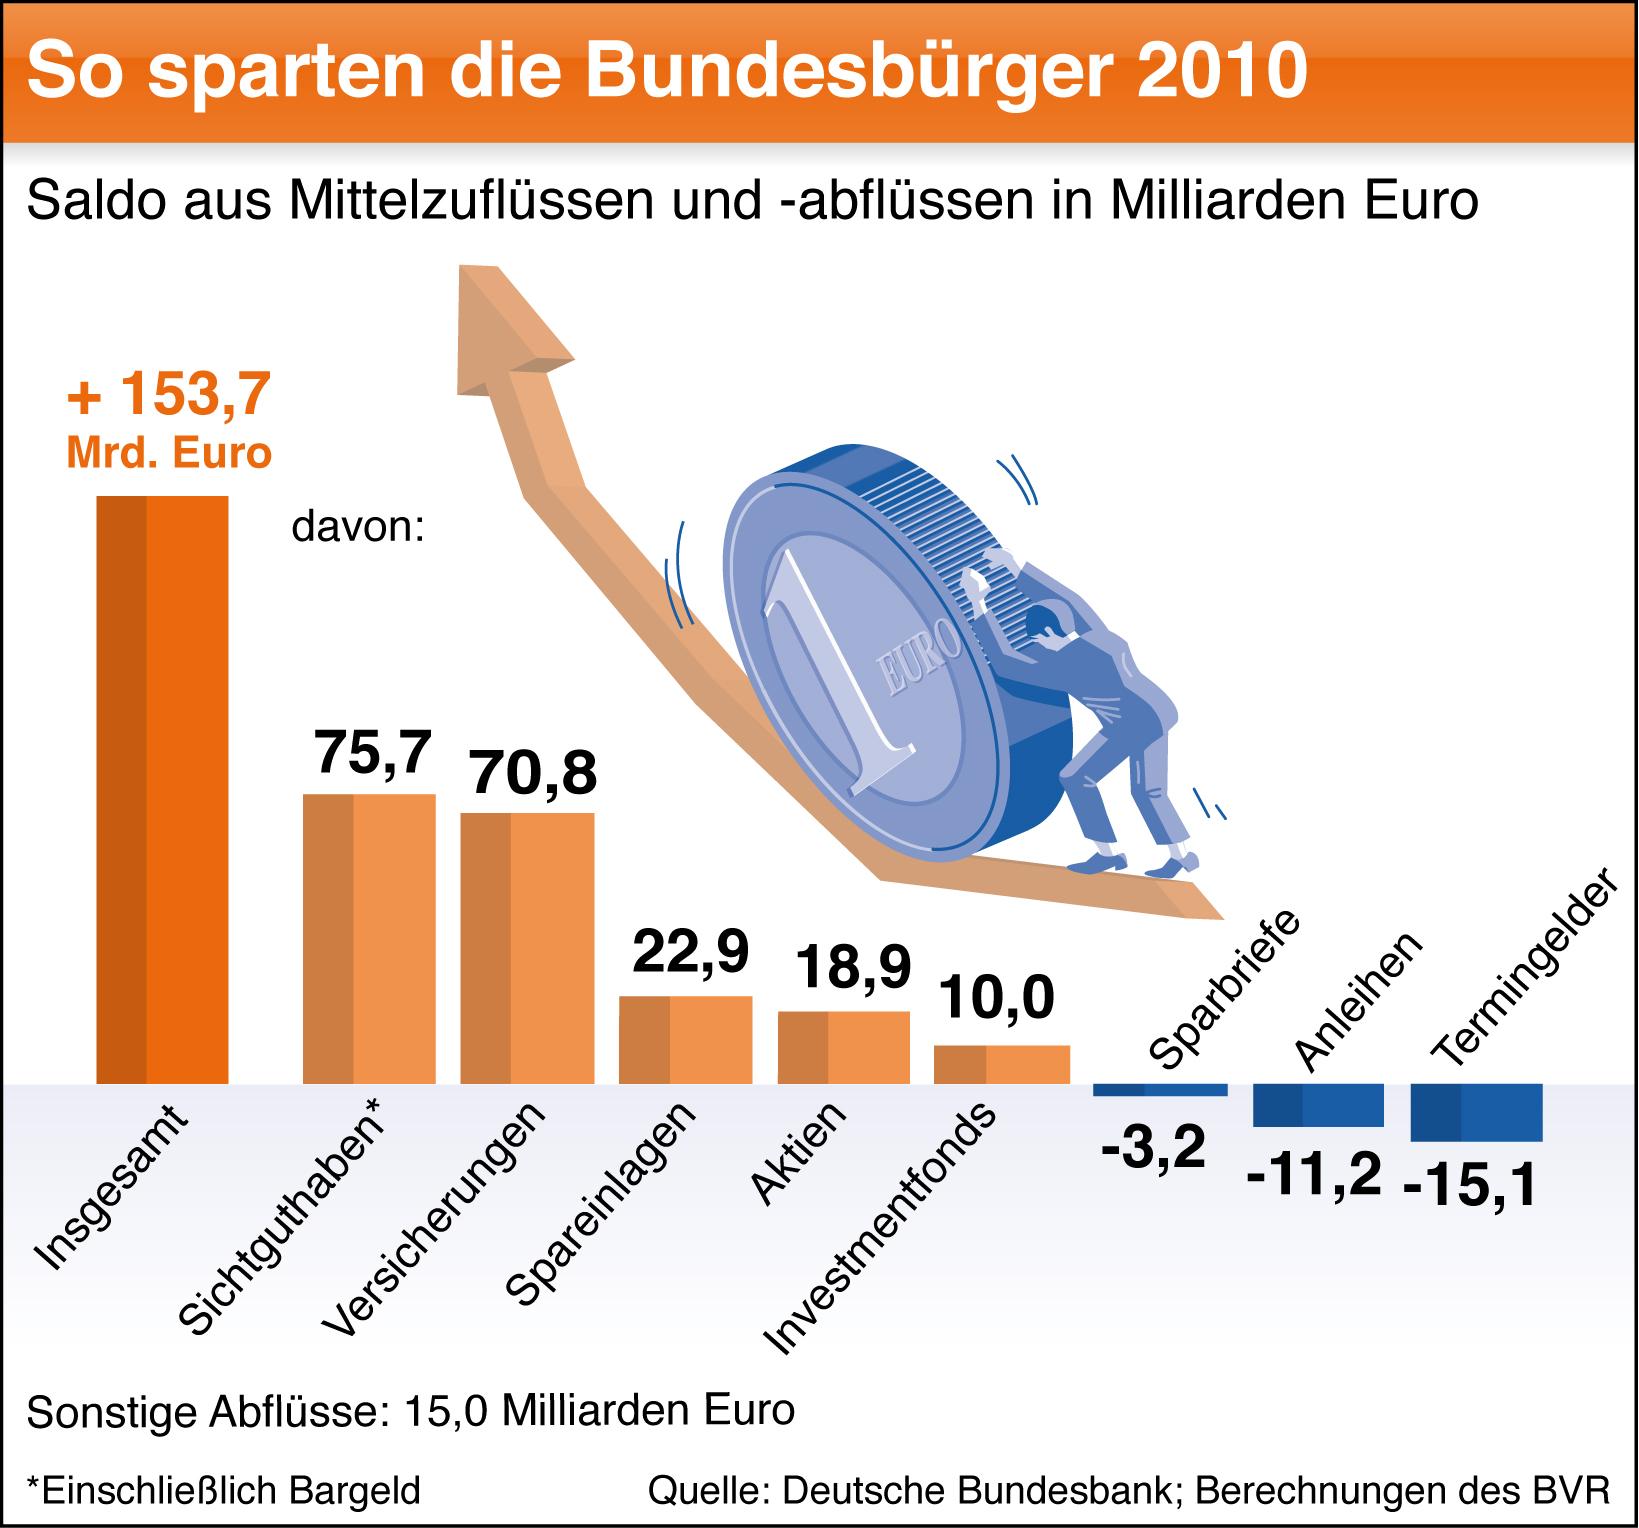 BVR-Sparen in Deutsche legen mehr Geld auf die hohe Kante